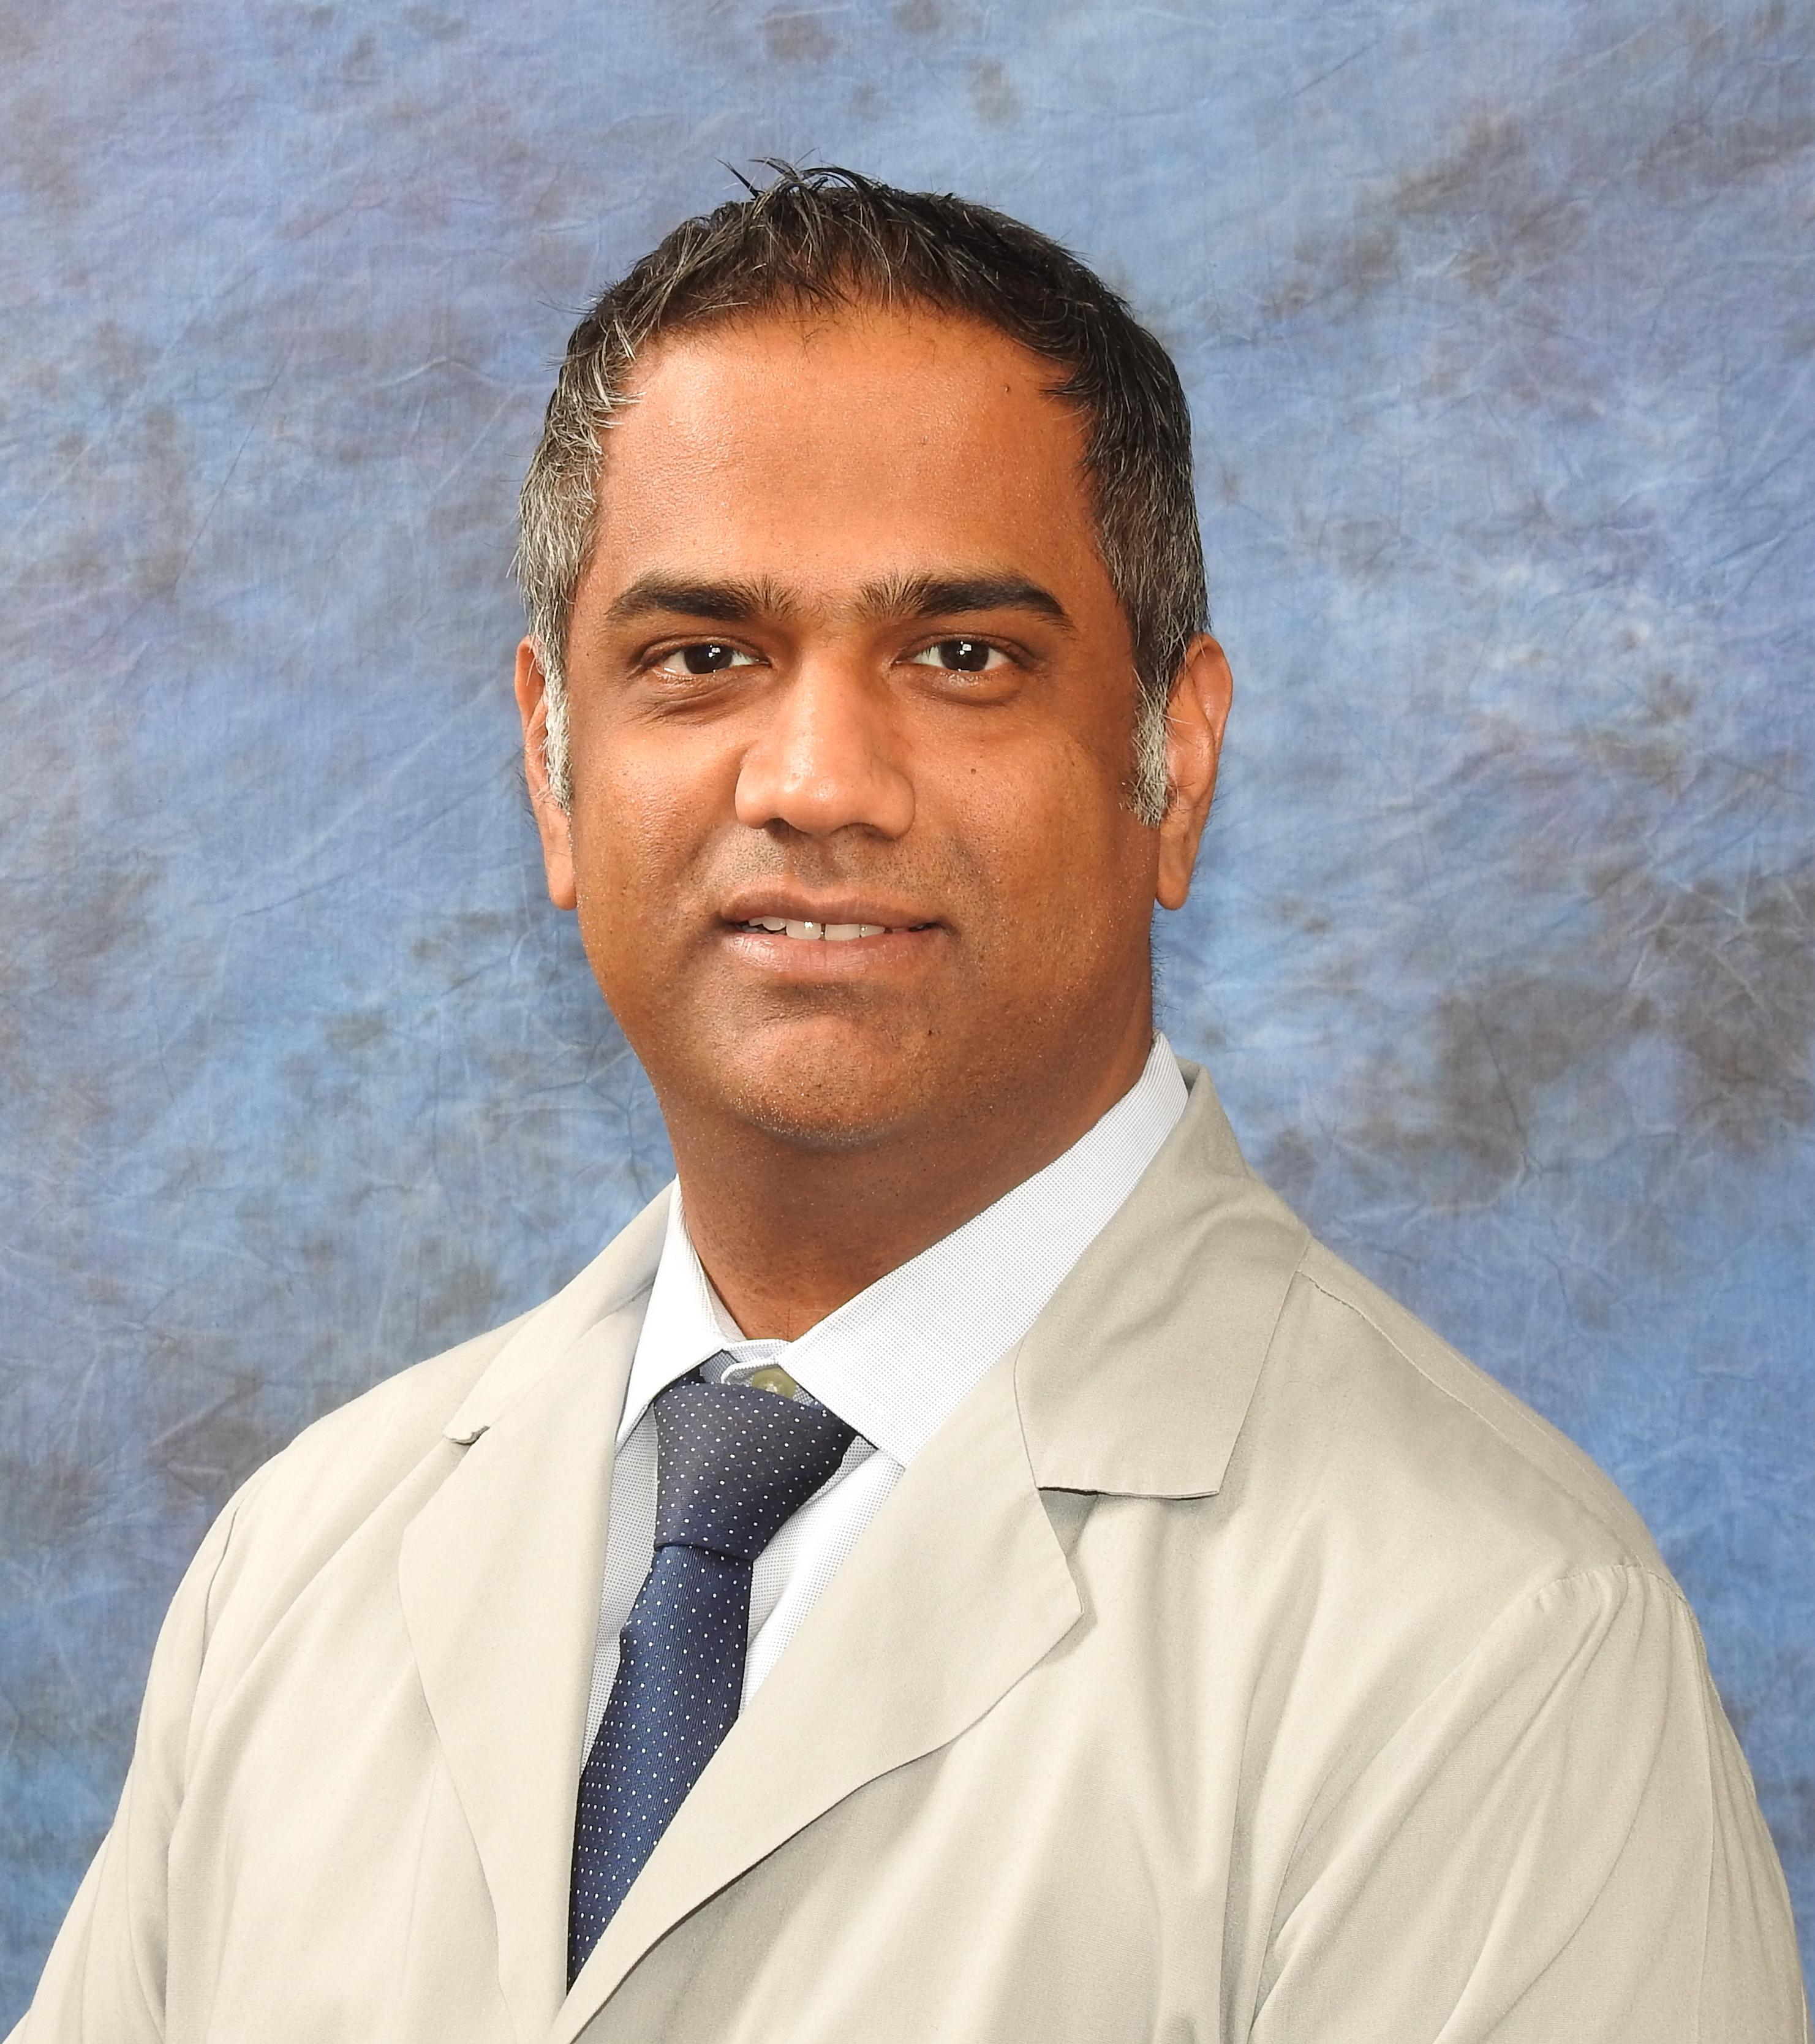 Ajaydas T Manikkan, MD